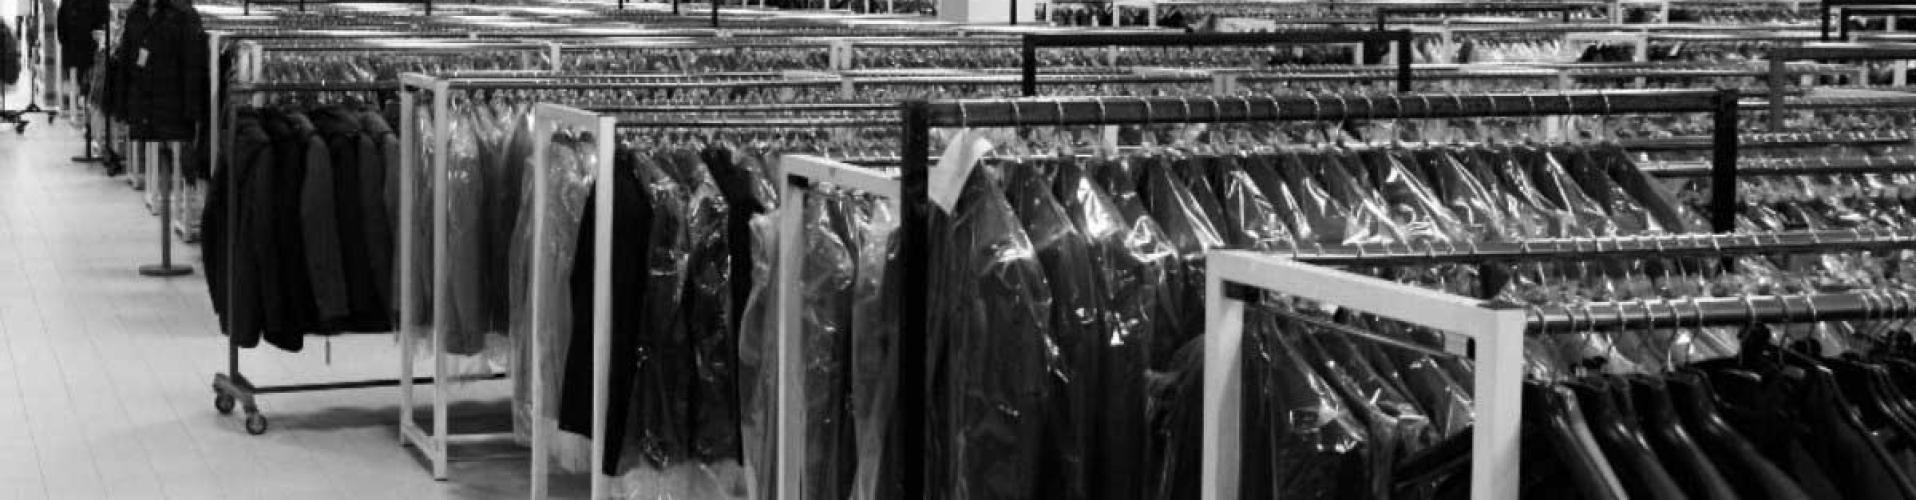 Wij vertellen je over de laatste Fashion Trends